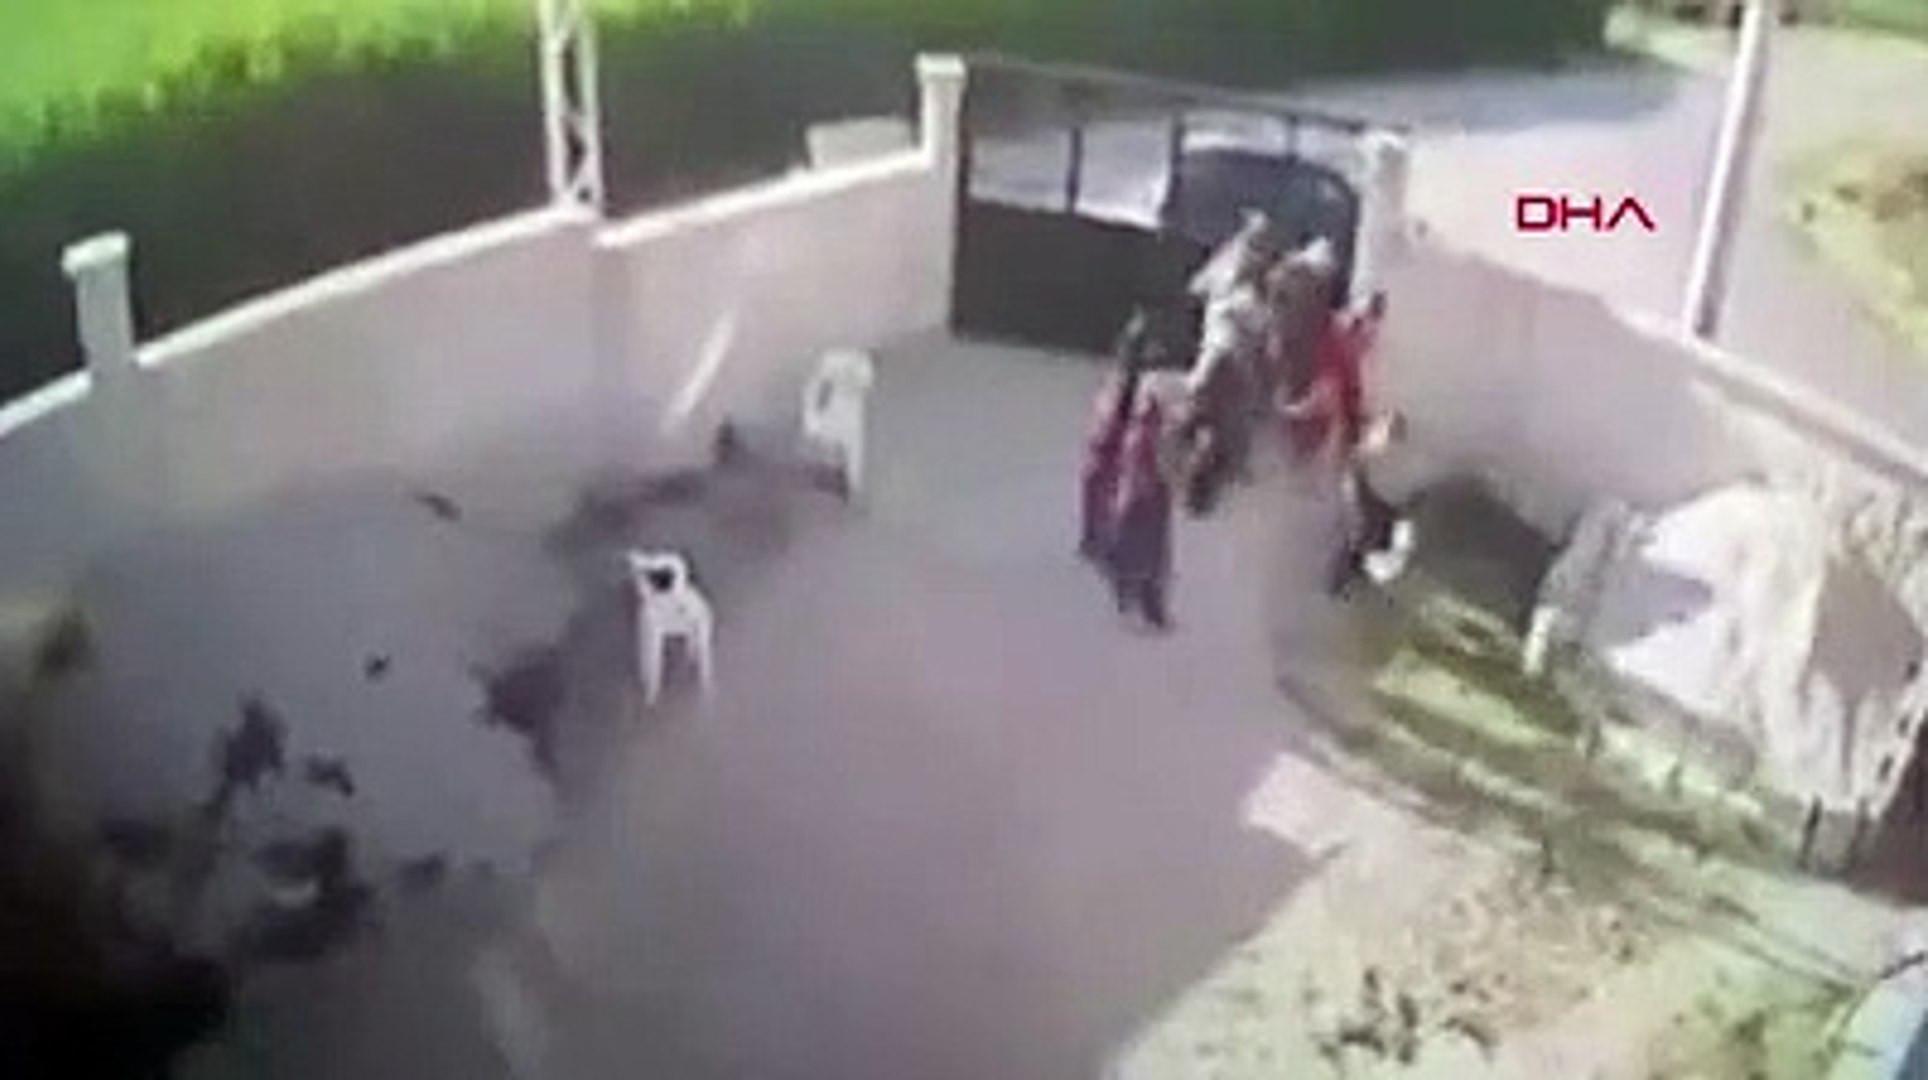 Konya'daki 7 kişinin öldürüldüğü katliamın görüntüleri ortaya çıktı